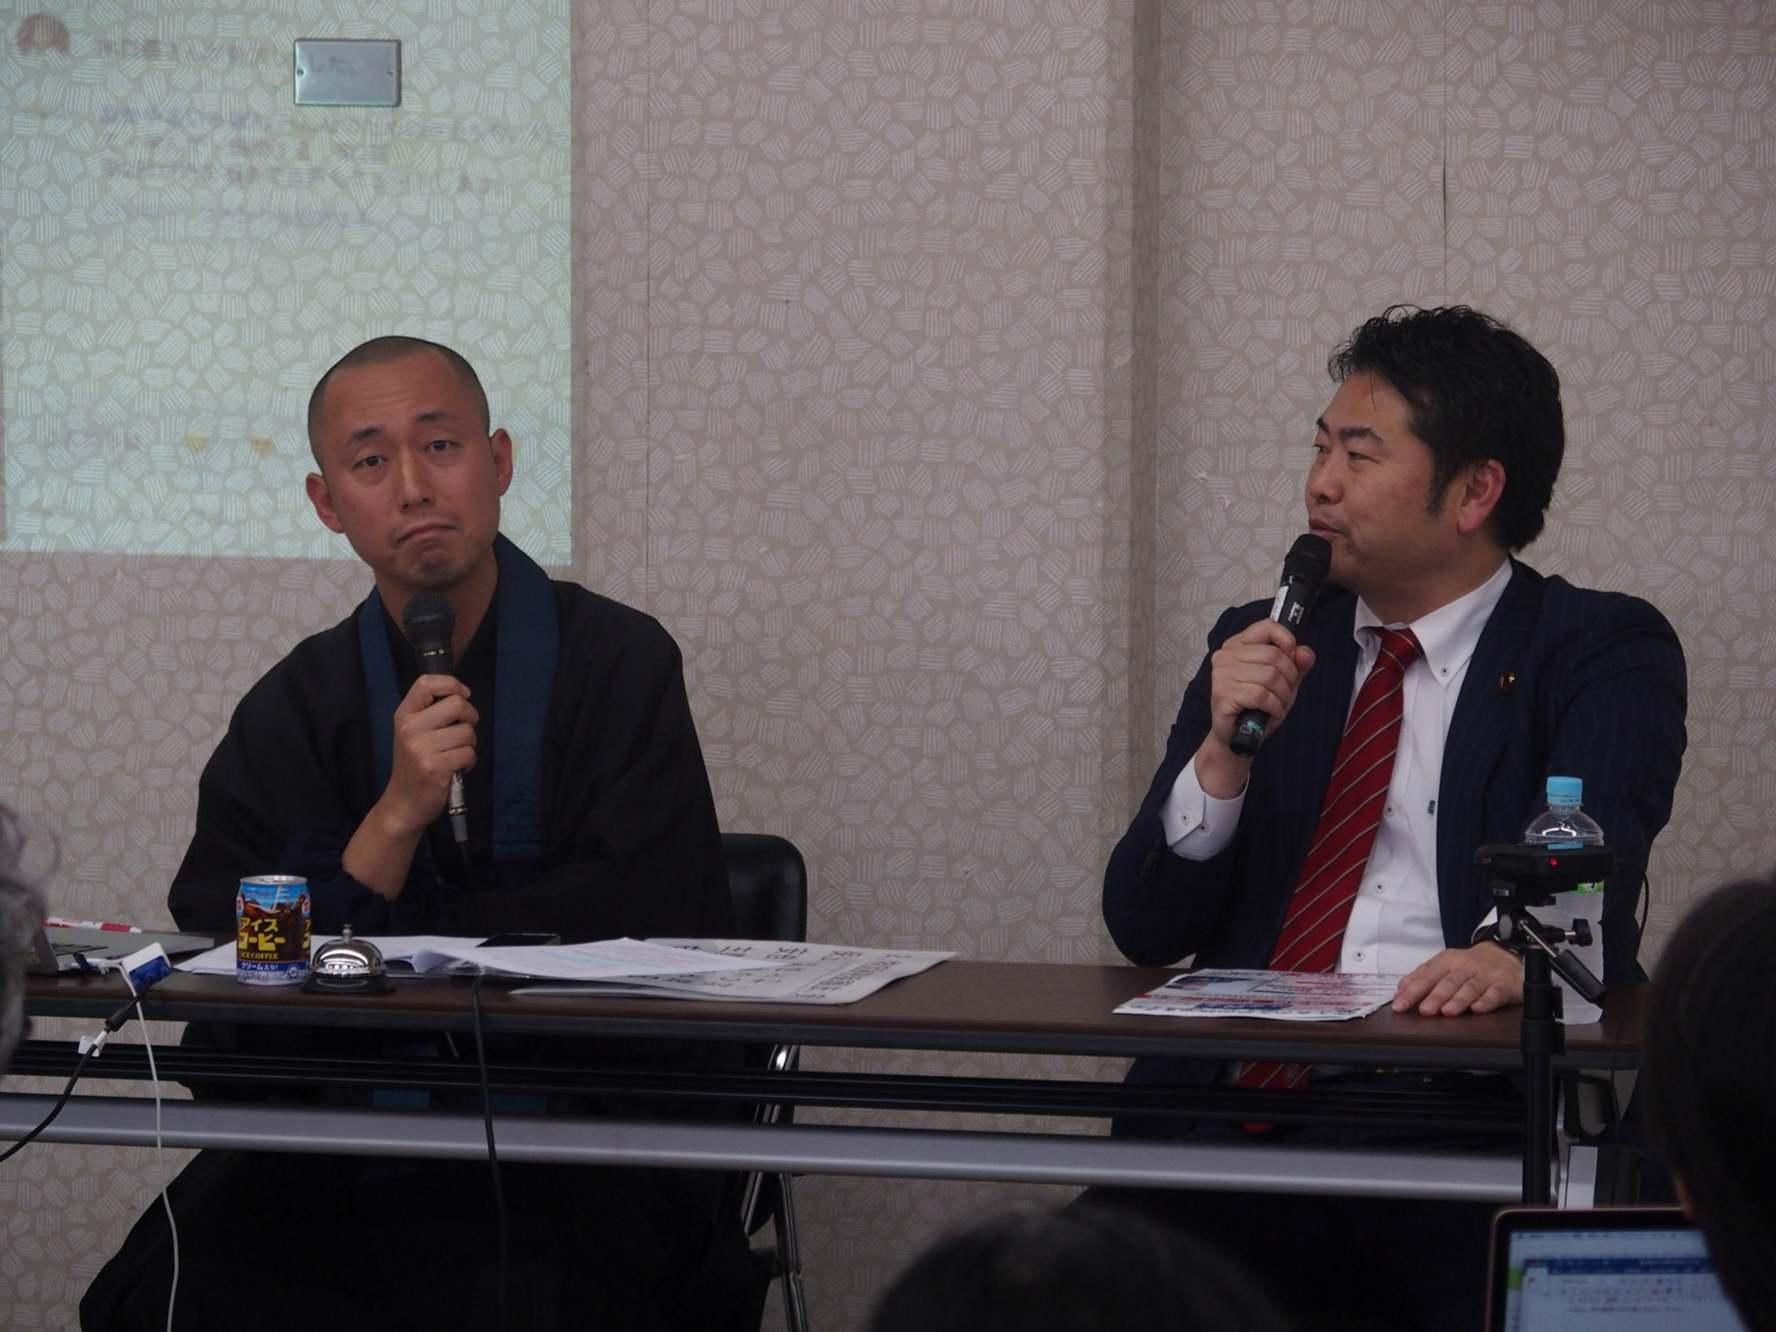 市民(おかやまいっぽん)と立憲野党(立憲民主・共産・社民党)との共催による政治勉強会を開催しました。